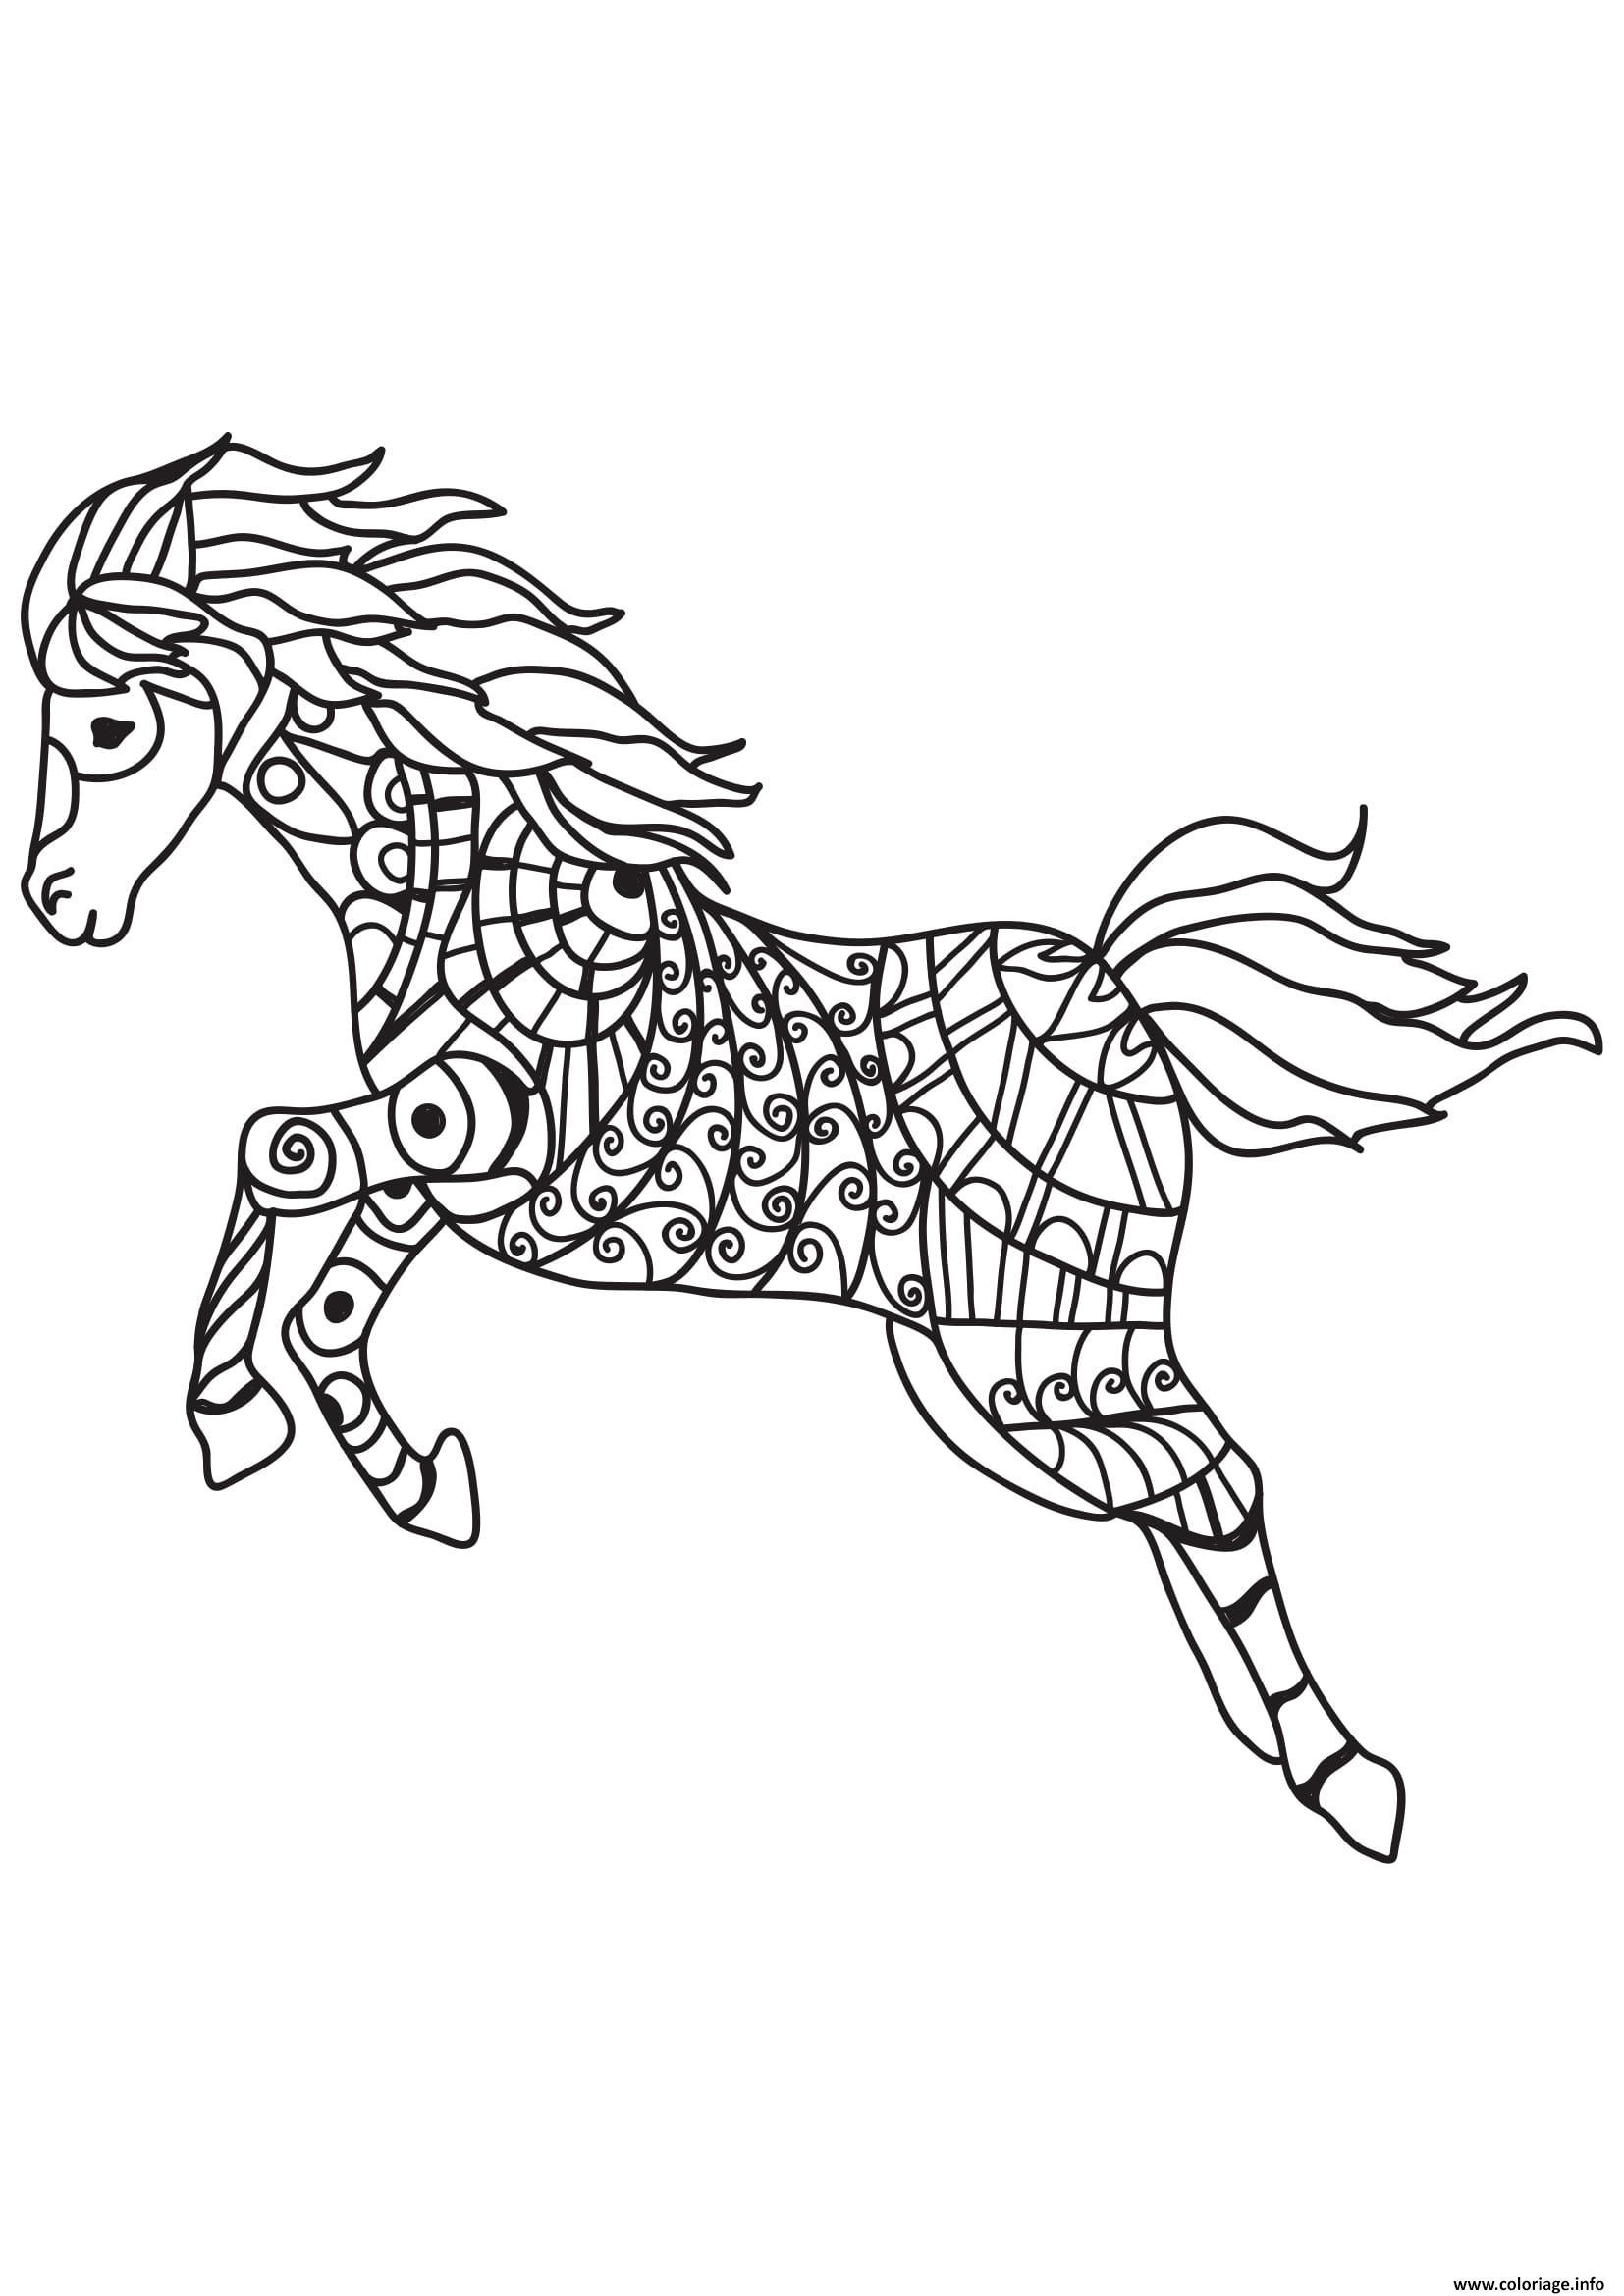 Dessin cheval pour adulte 30 Coloriage Gratuit à Imprimer